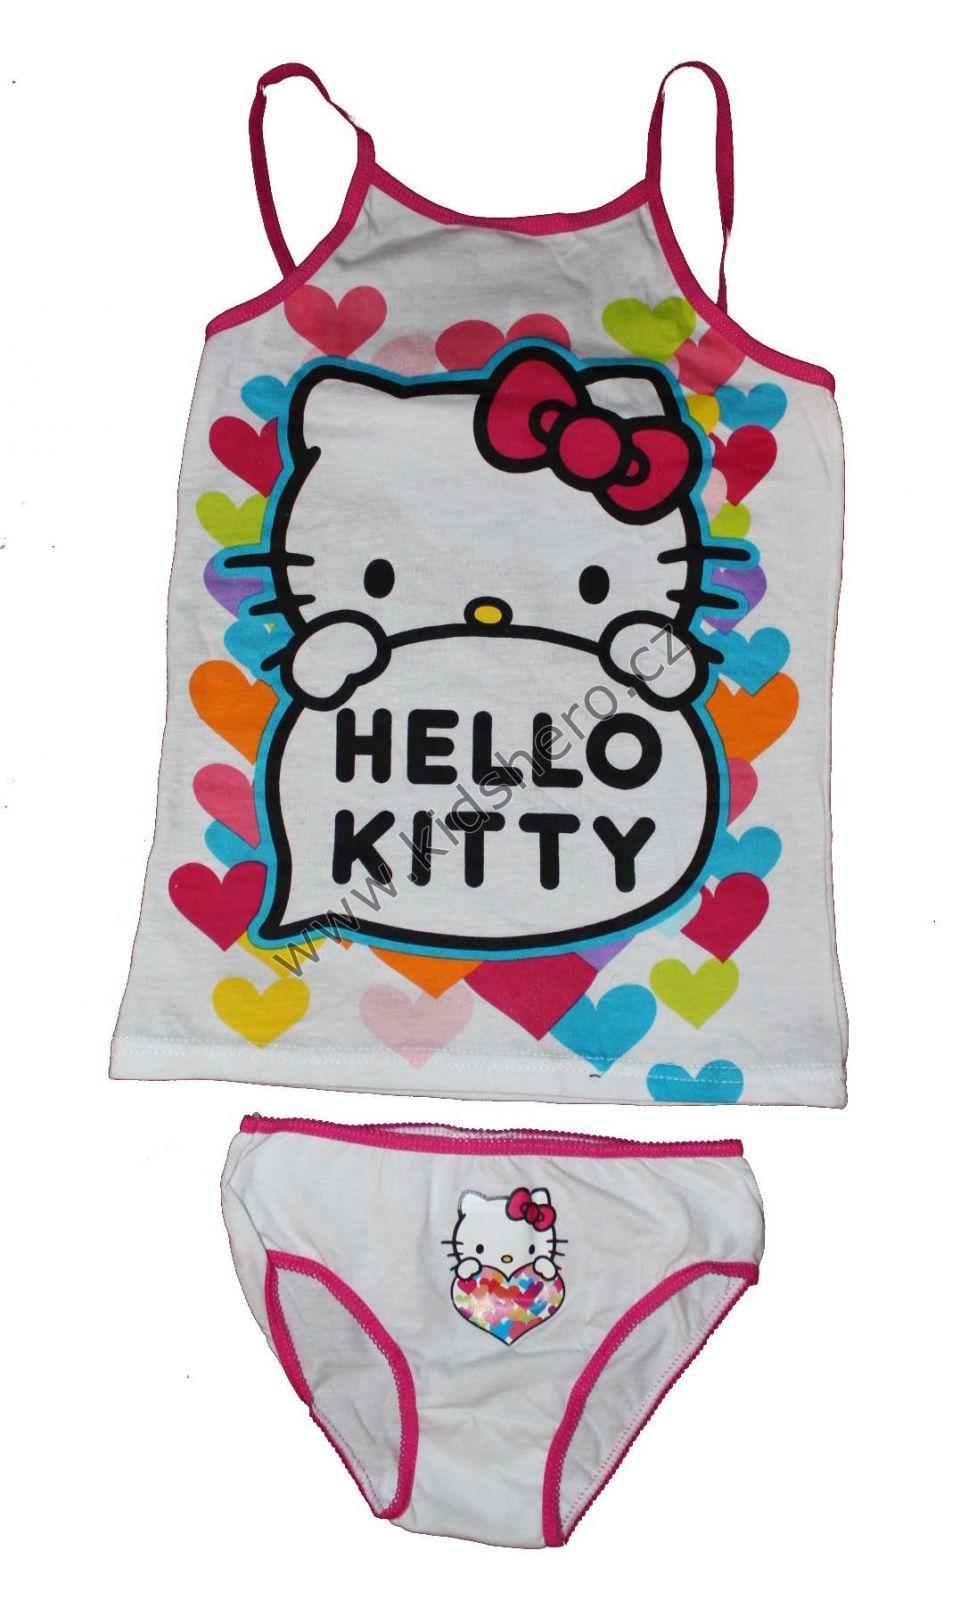 Dětská souprava spodní prádlo - tílko+kalhotky HELLO KITTY dívčí licenční Sanrio